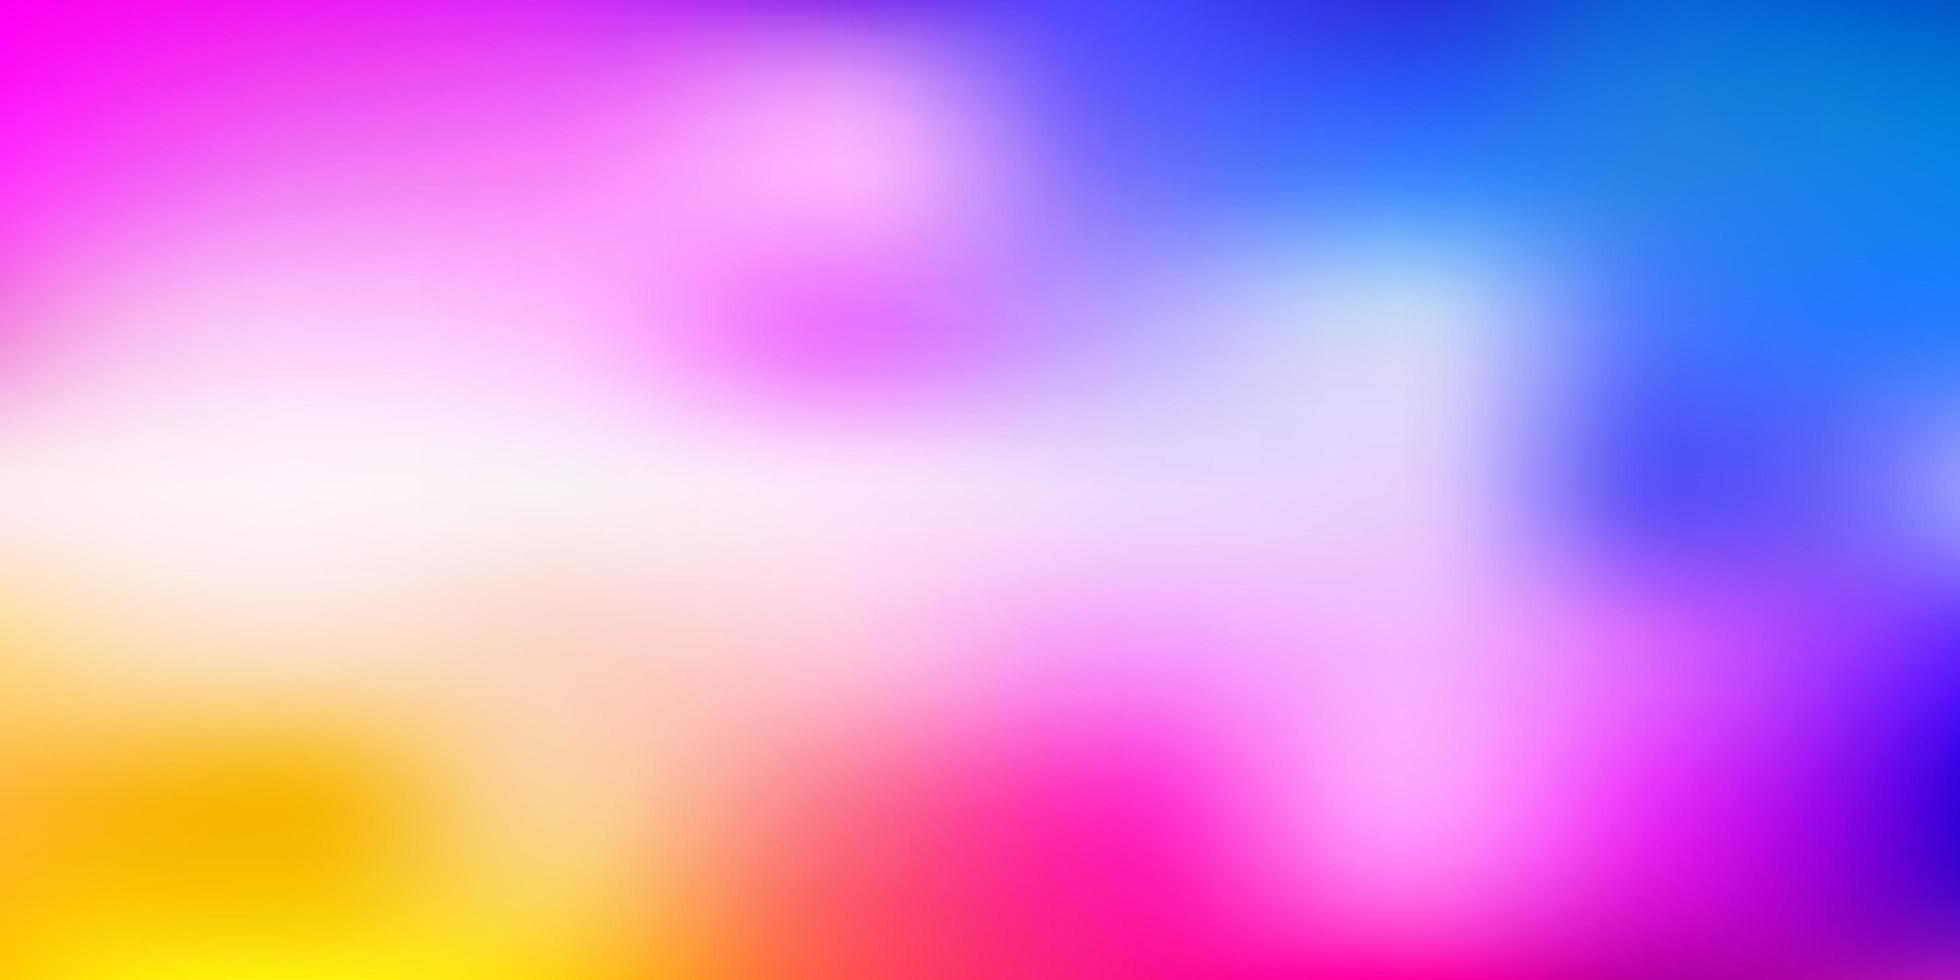 rosa chiaro, blu vettore astratto sfocatura sullo sfondo.